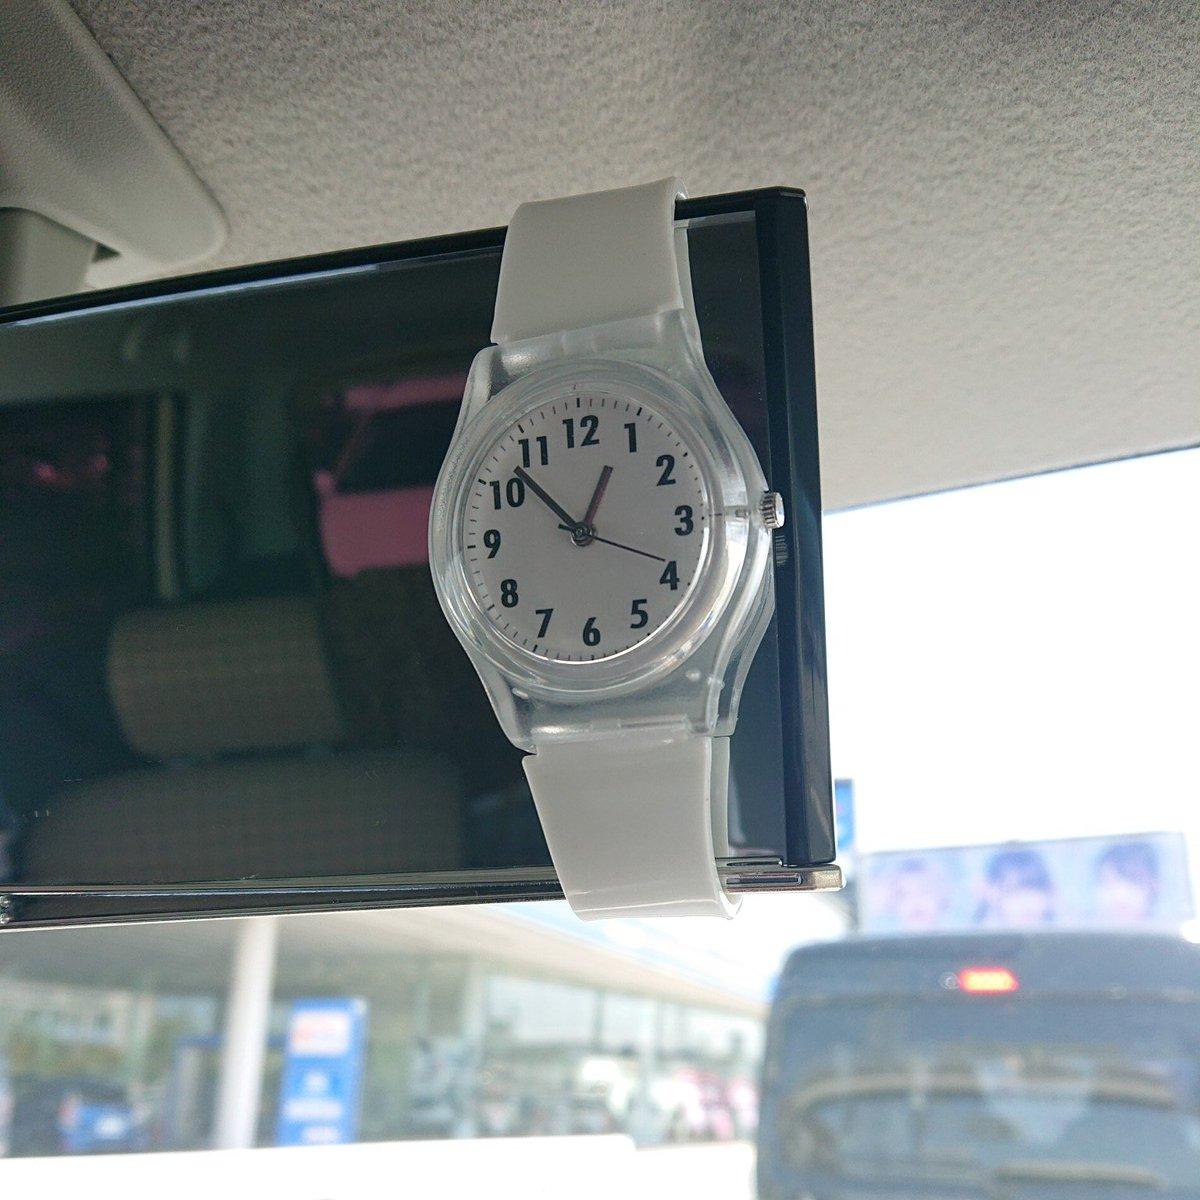 test ツイッターメディア - キャンドゥの腕時計⌚ CASIOの時計使ってたんだけど電池切れちゃって、電池交換してもらうより新しい時計買った方が安そうだし、電池切れたら捨てるなら安くていいやと思って  ついでにエリップスとミランダ❤️  #キャンドゥ #エリップス https://t.co/gwMTEICFsF